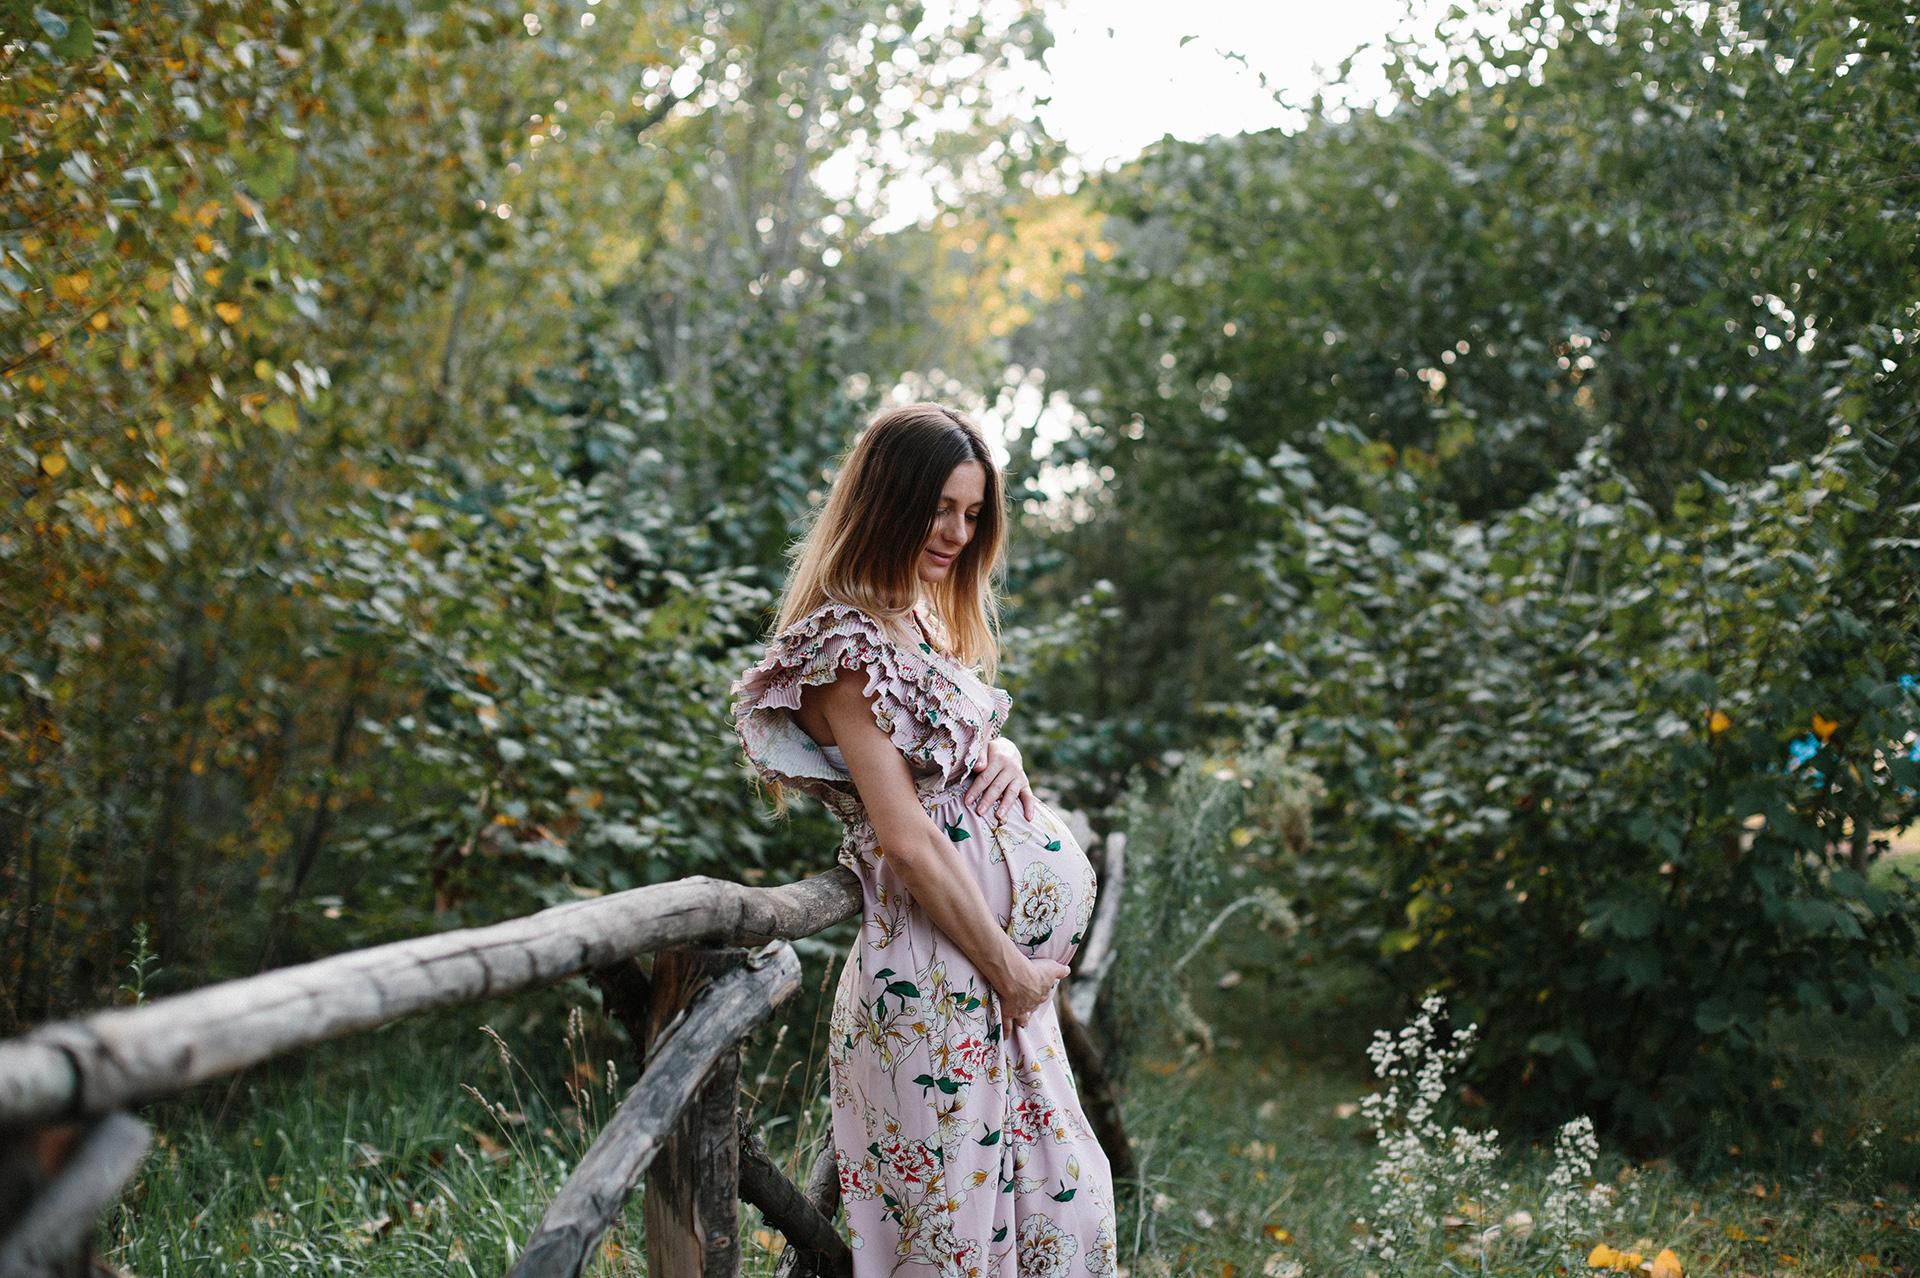 donna con pancione appoggiata ad una staccionata